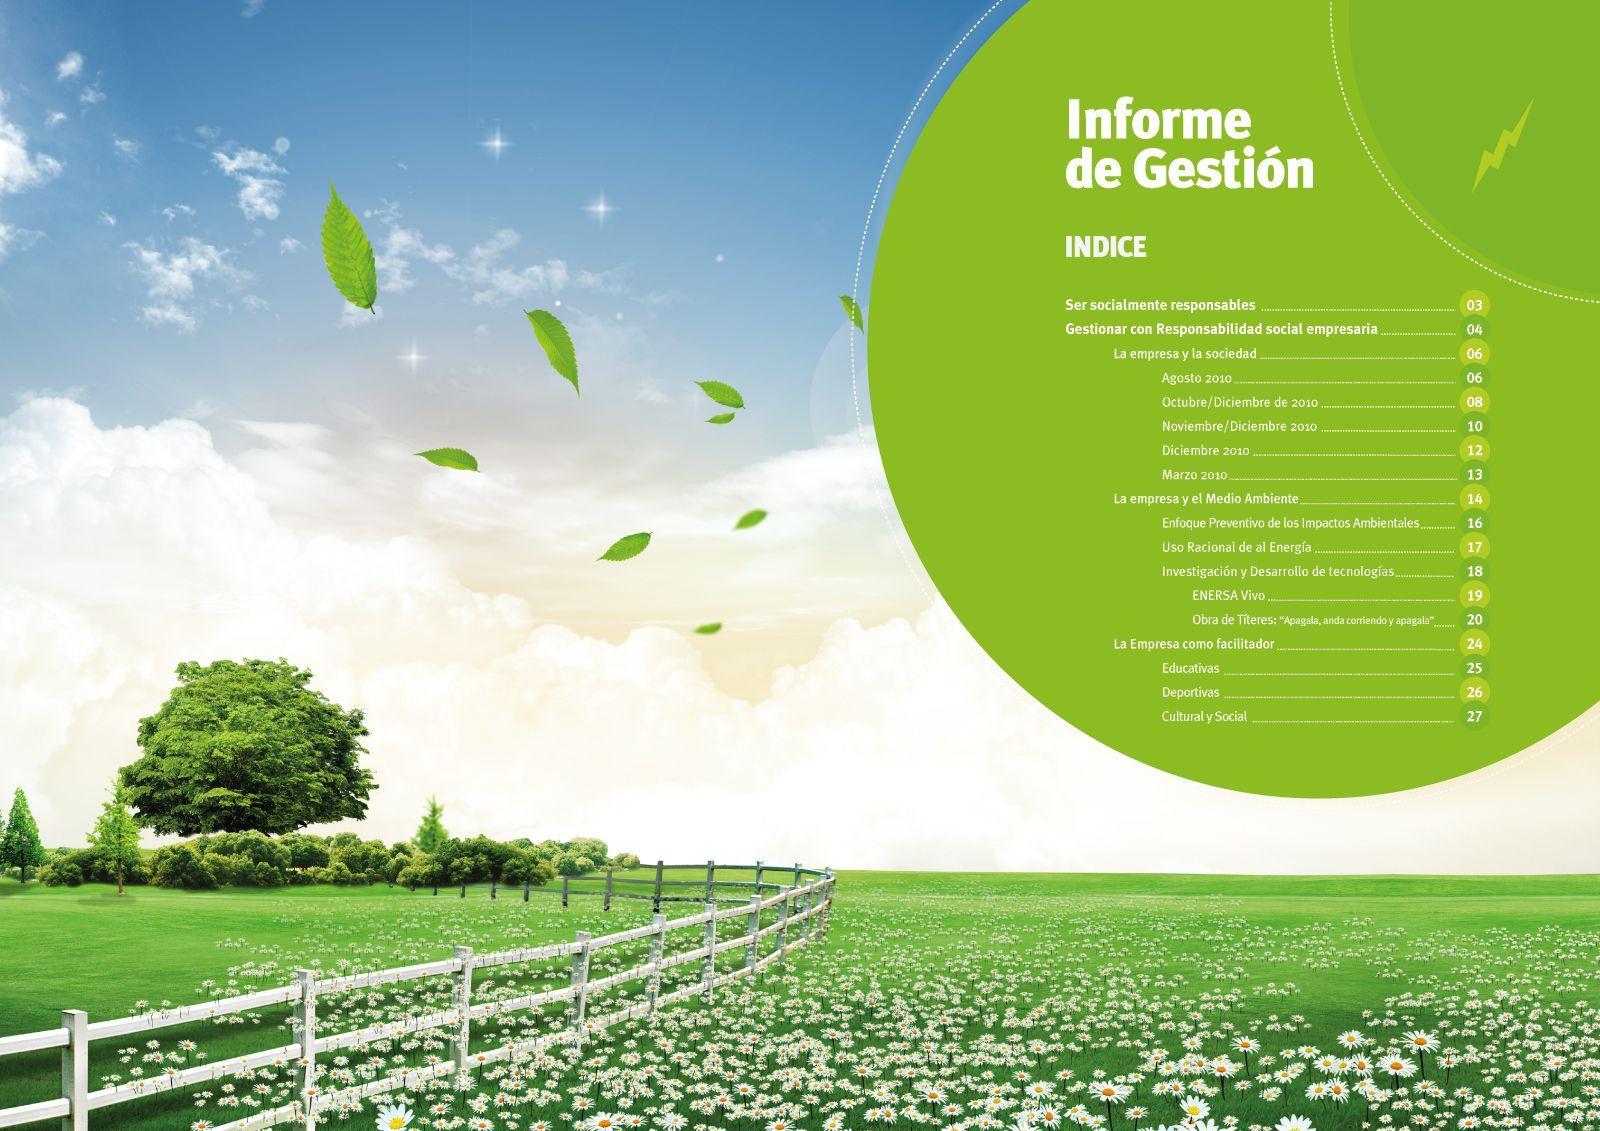 Cliente: ENERSA Trabajo: diseño y diagramación de Informe de Gestión